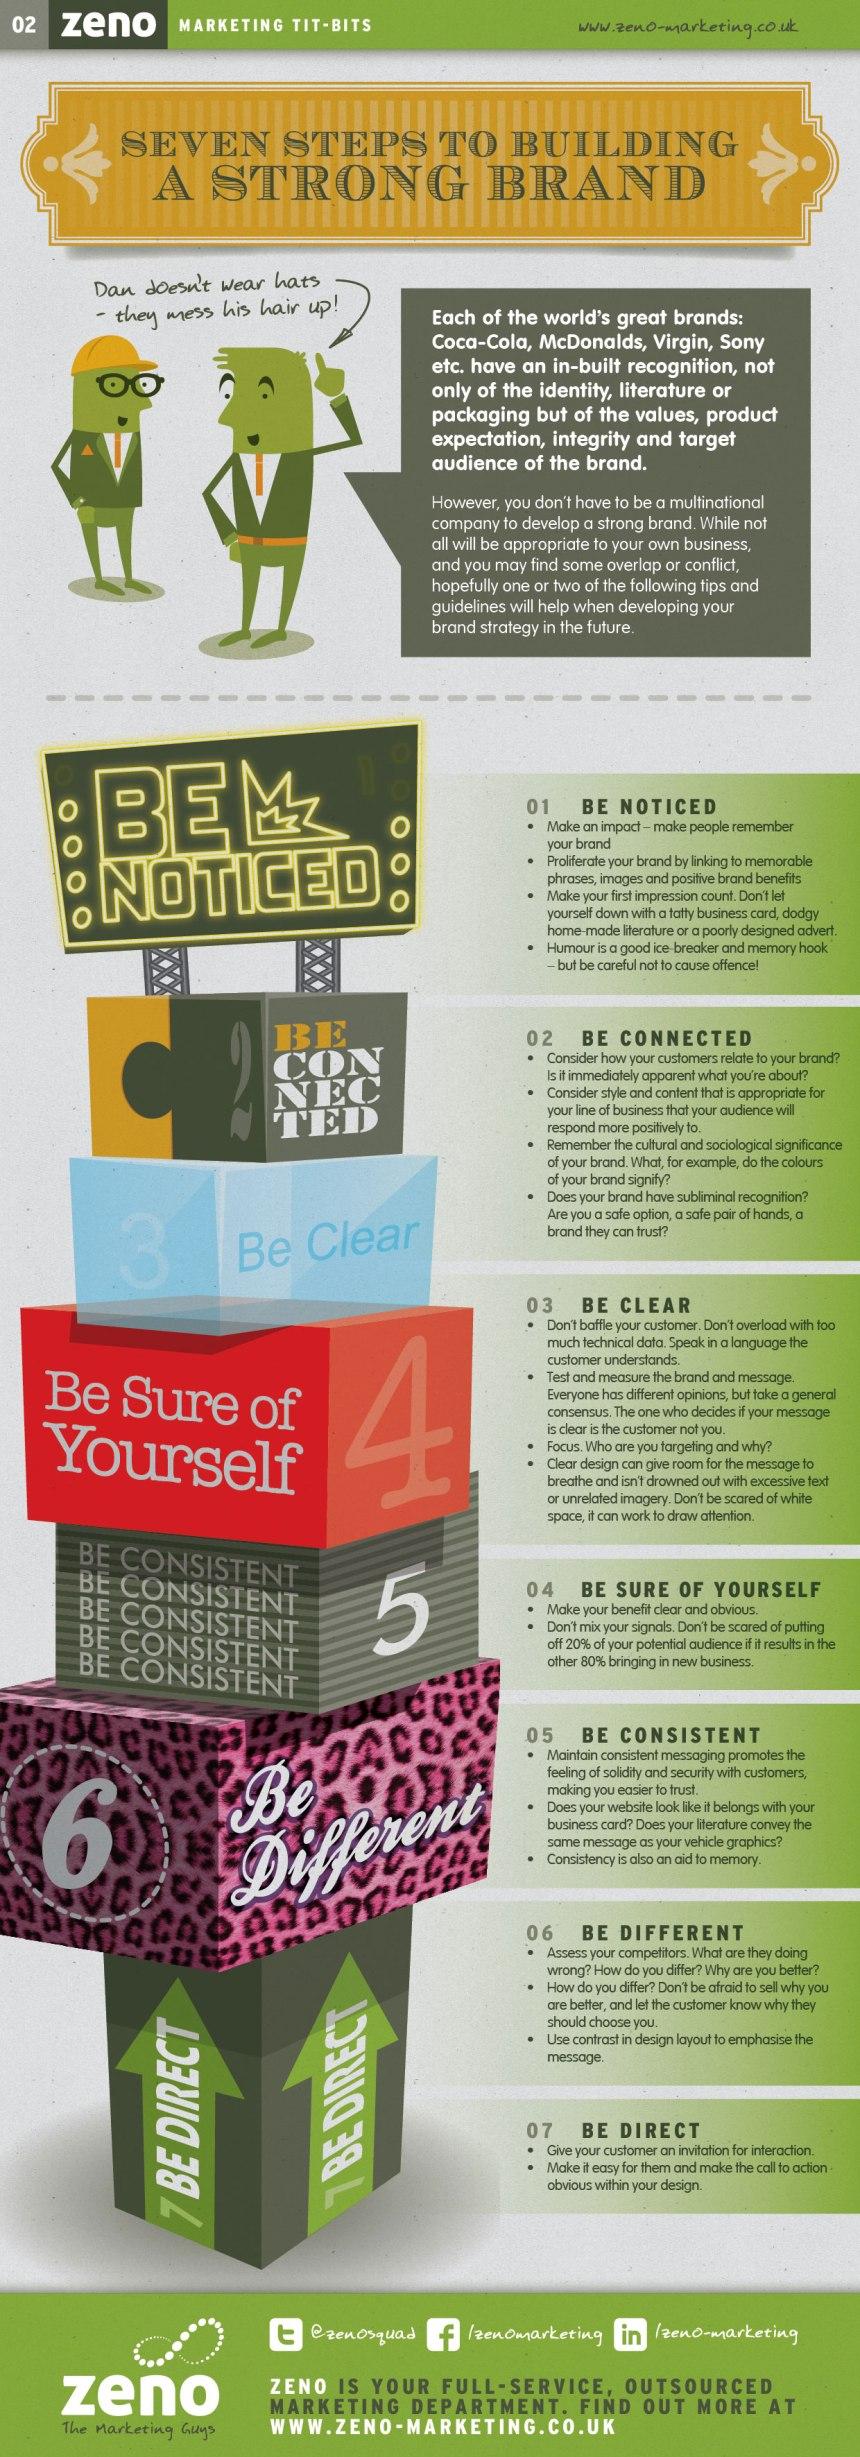 7 pasos para crear una marca fuerte